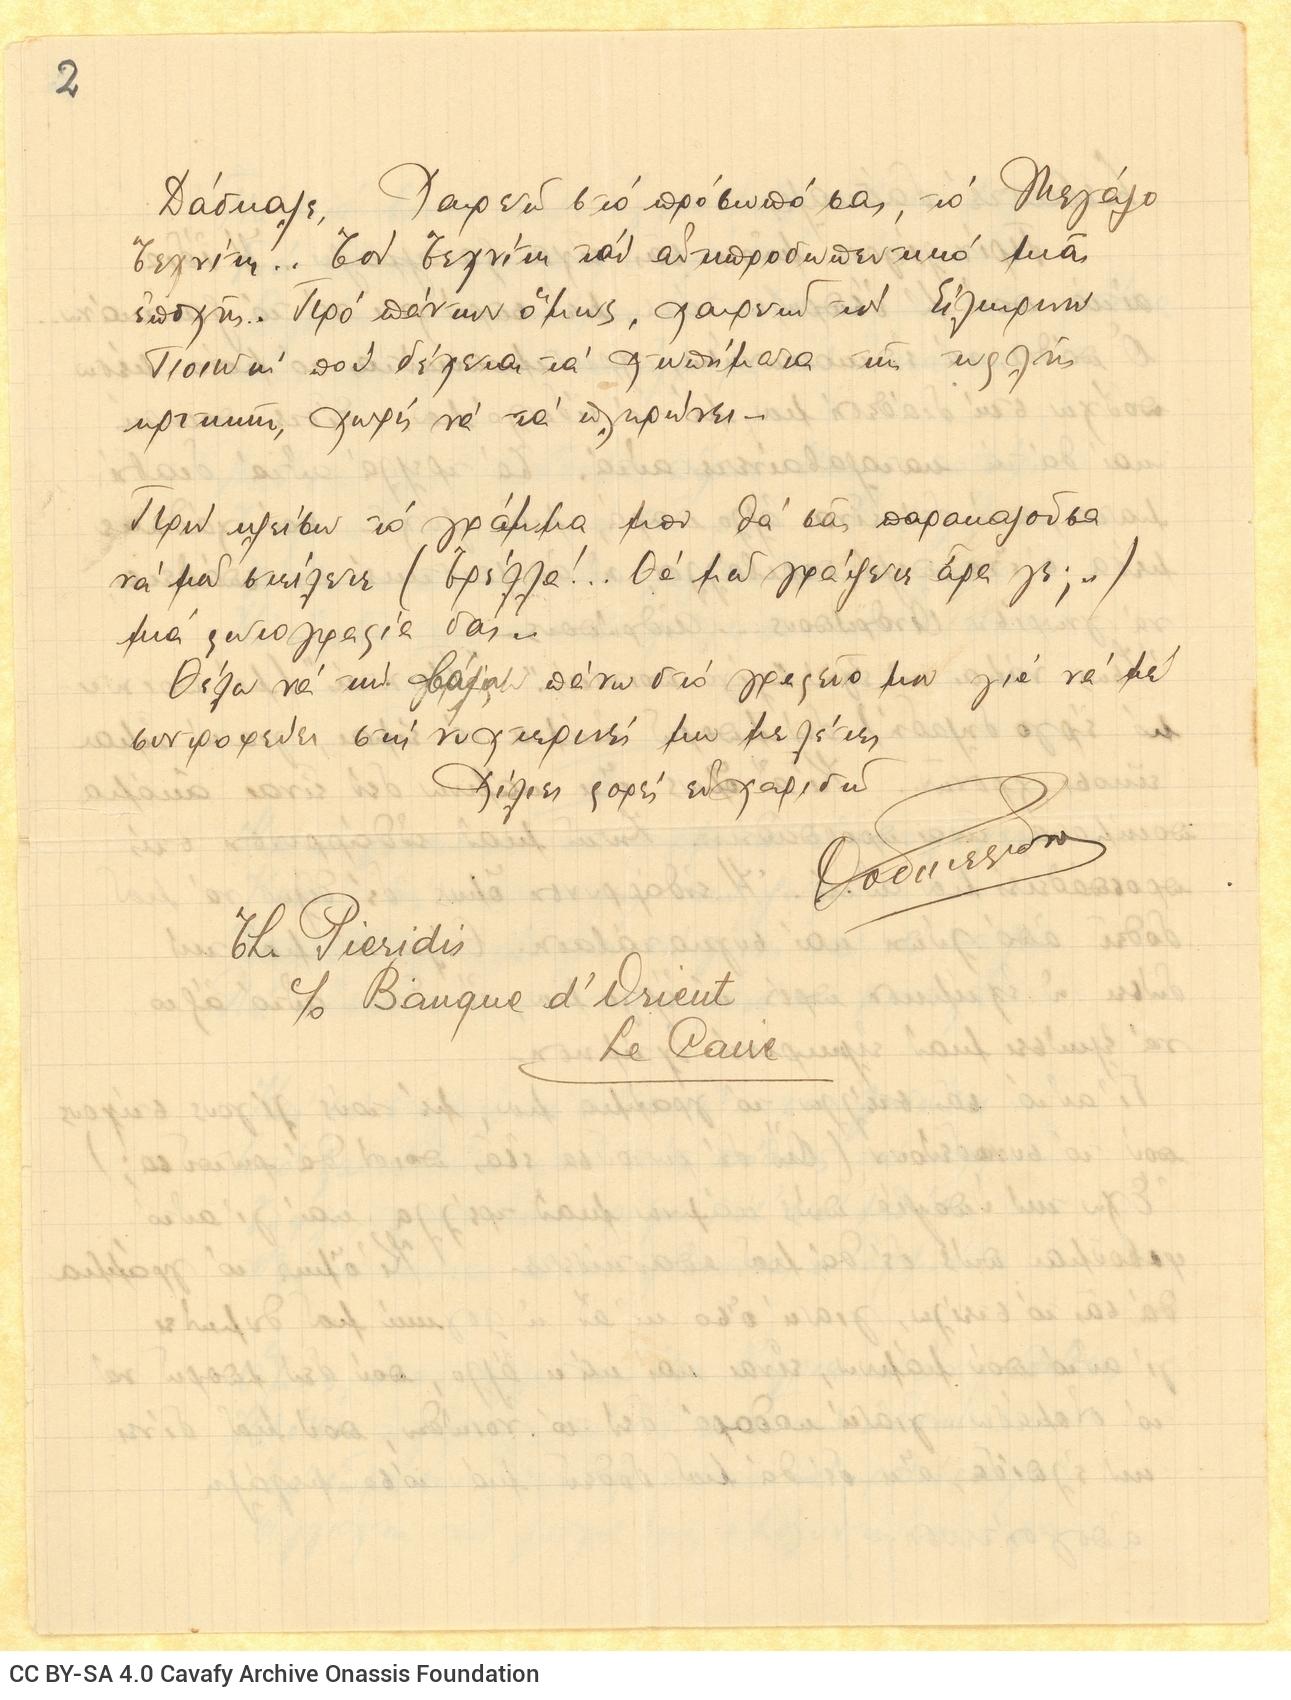 Χειρόγραφη επιστολή του Θεοδόση Πιερίδη προς τον Καβάφη σε όλες τις